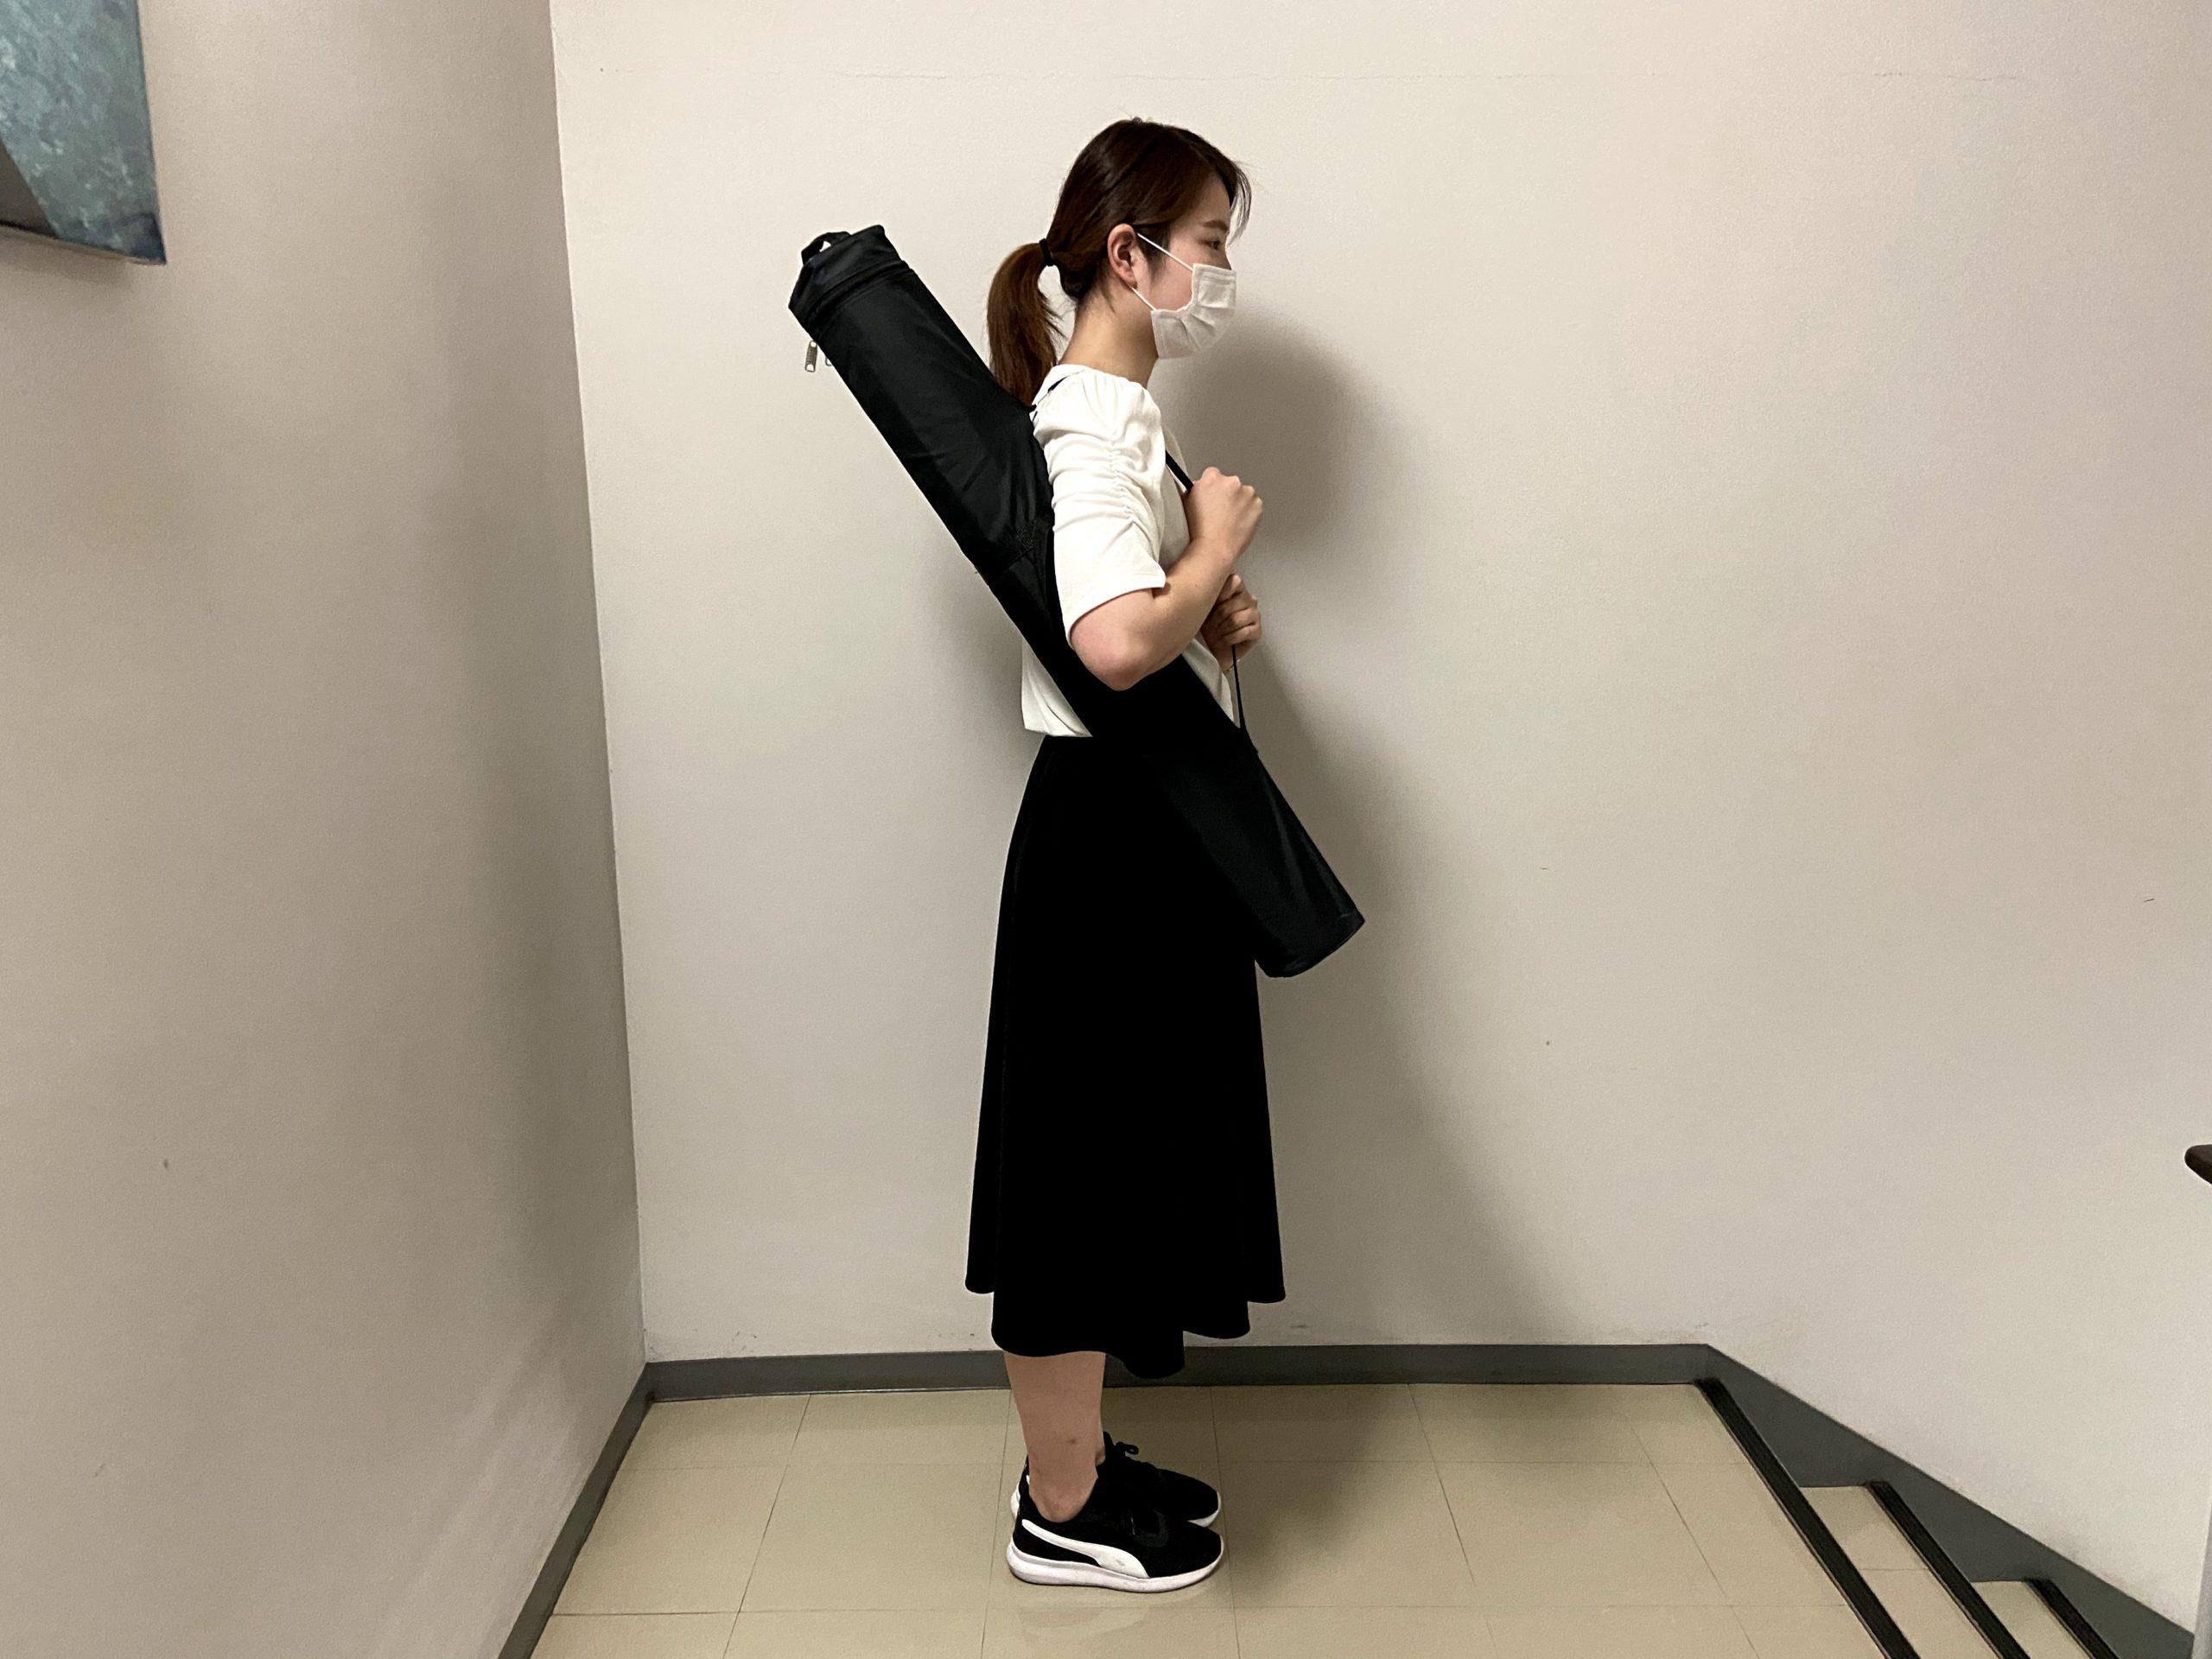 女性がロールアップバナーを持ち運んでいる